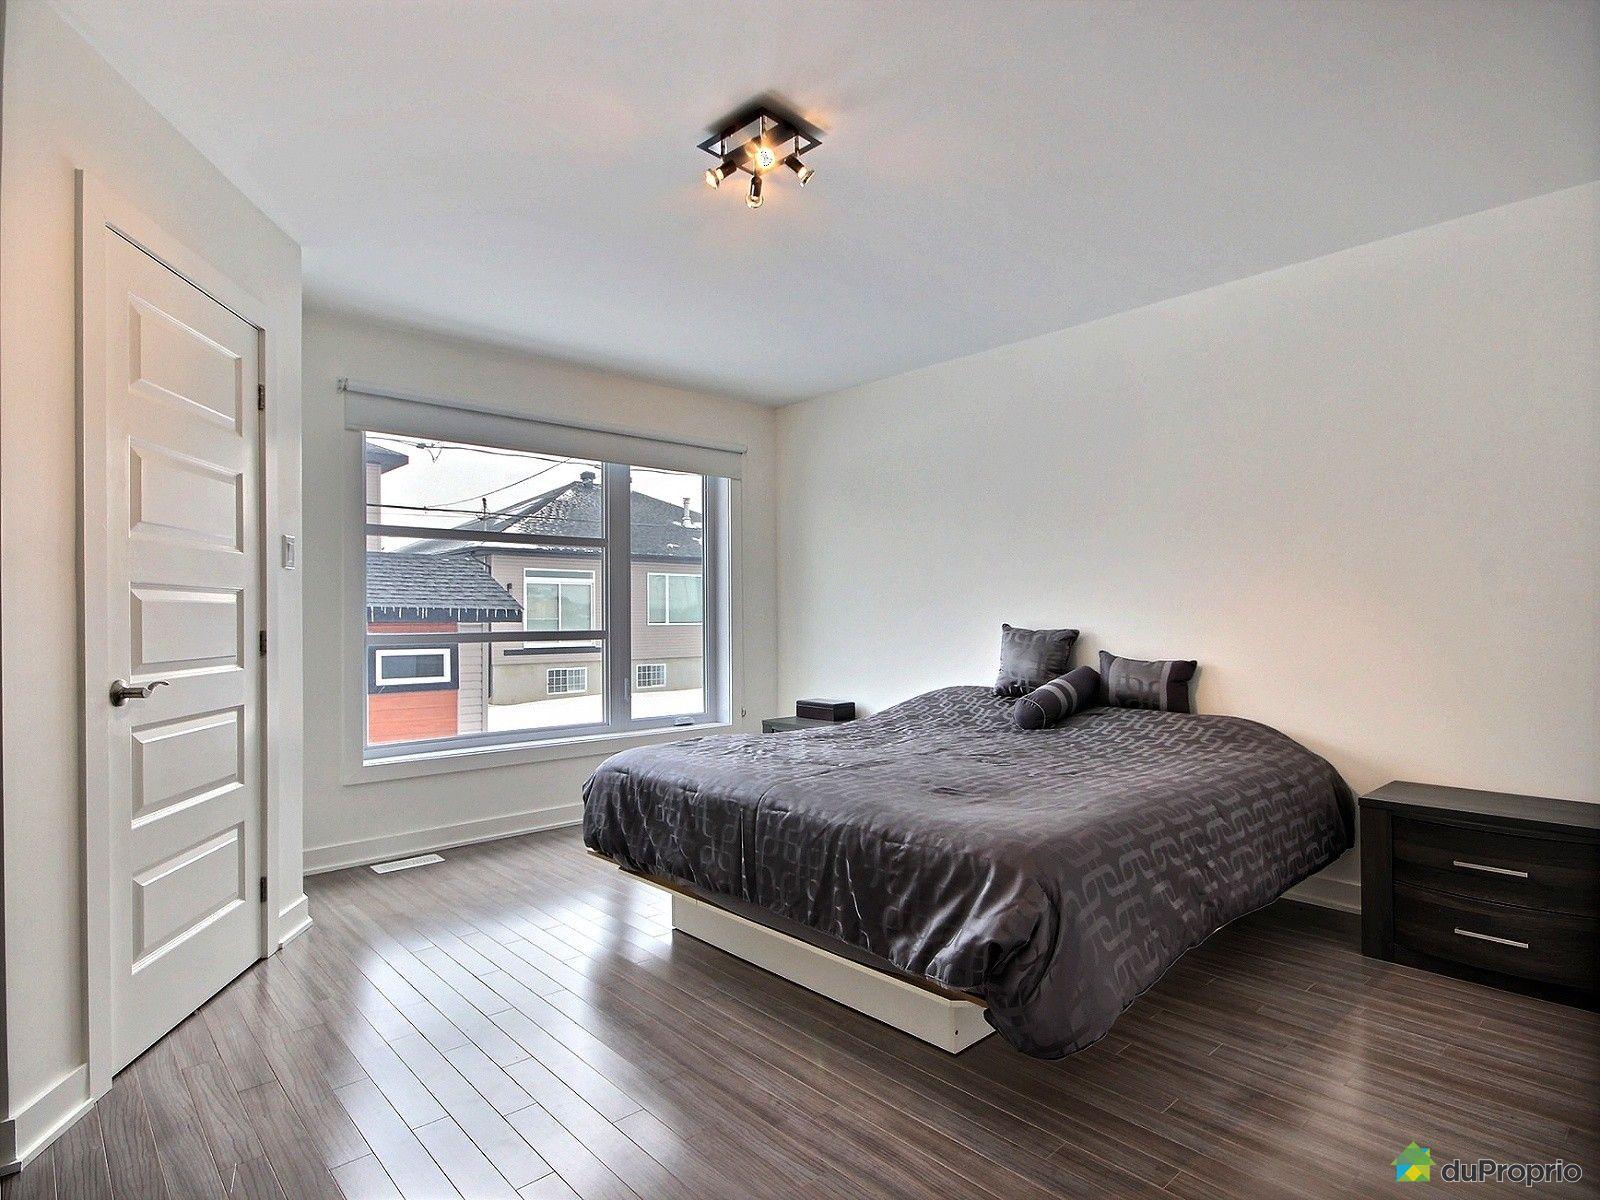 Maison vendre mirabel 17710 rue alexis contant for Chambre de commerce mirabel